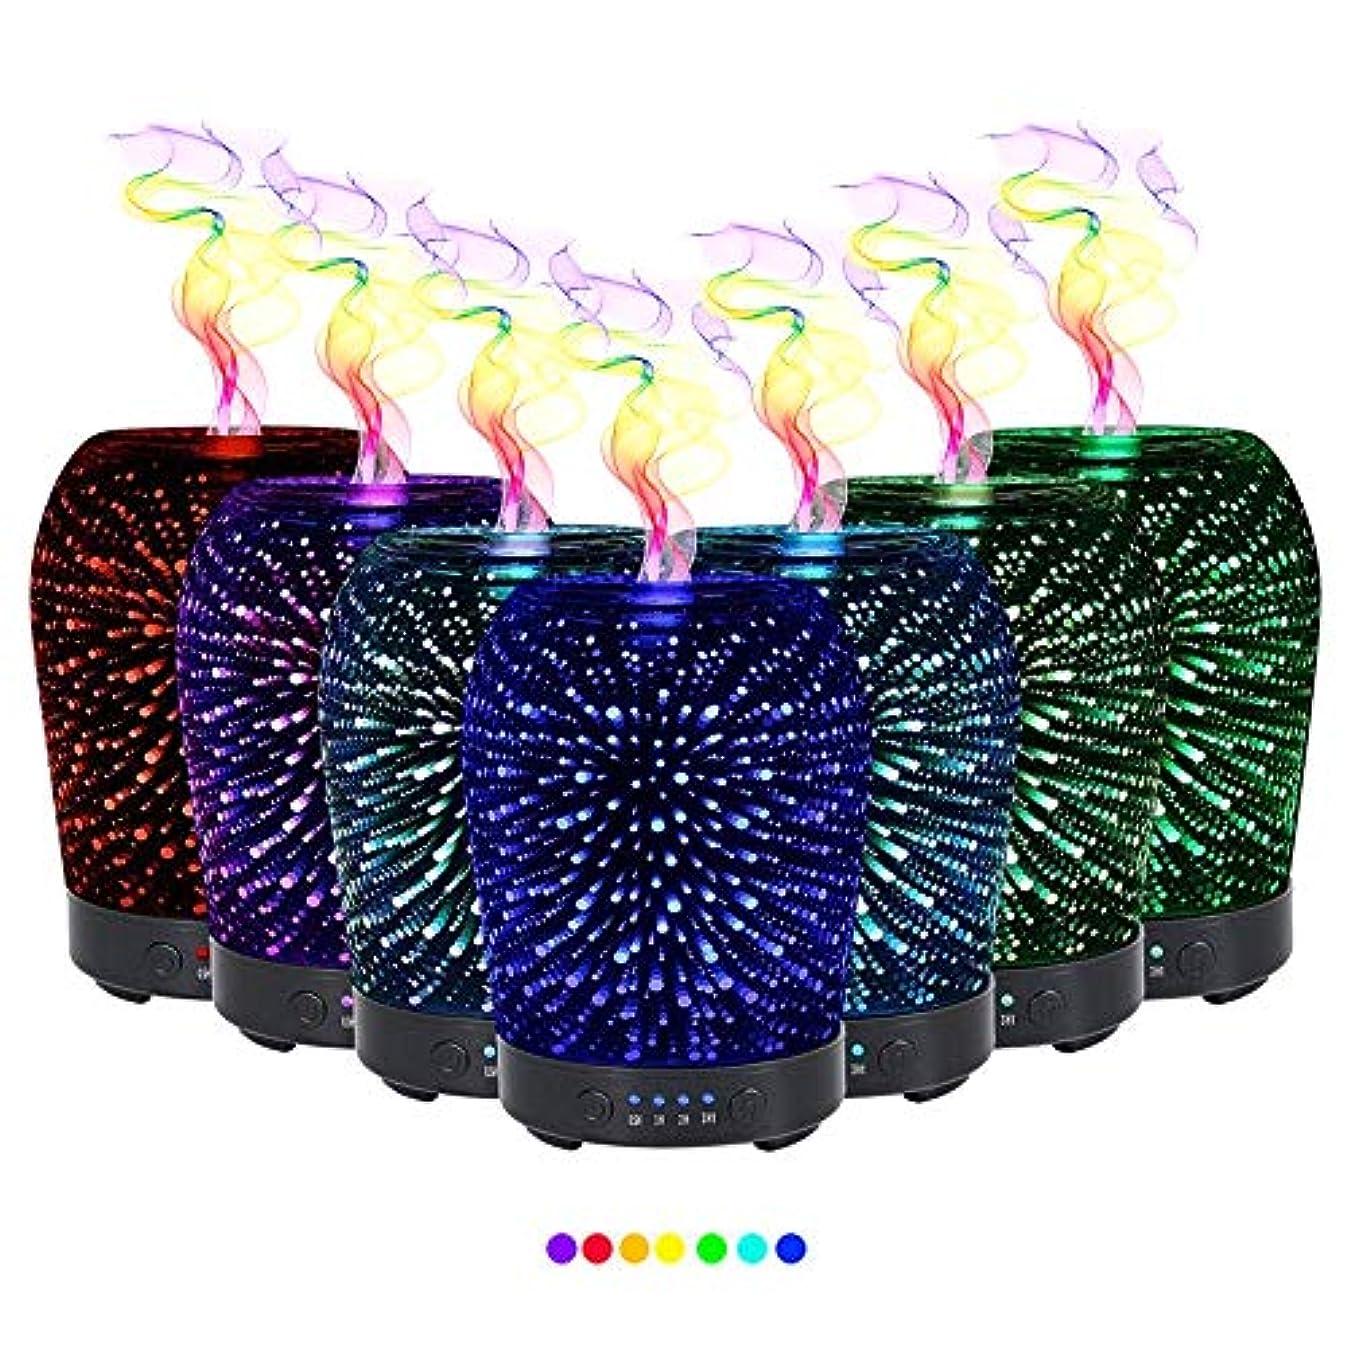 お客様ビザ失礼なエッセンシャルオイル用ディフューザー (100ml)-クリエイティブガラスゴージャスな花火アロマ加湿器7色変更 LED ライト & 4 タイマー設定、水なしオートシャットオフ